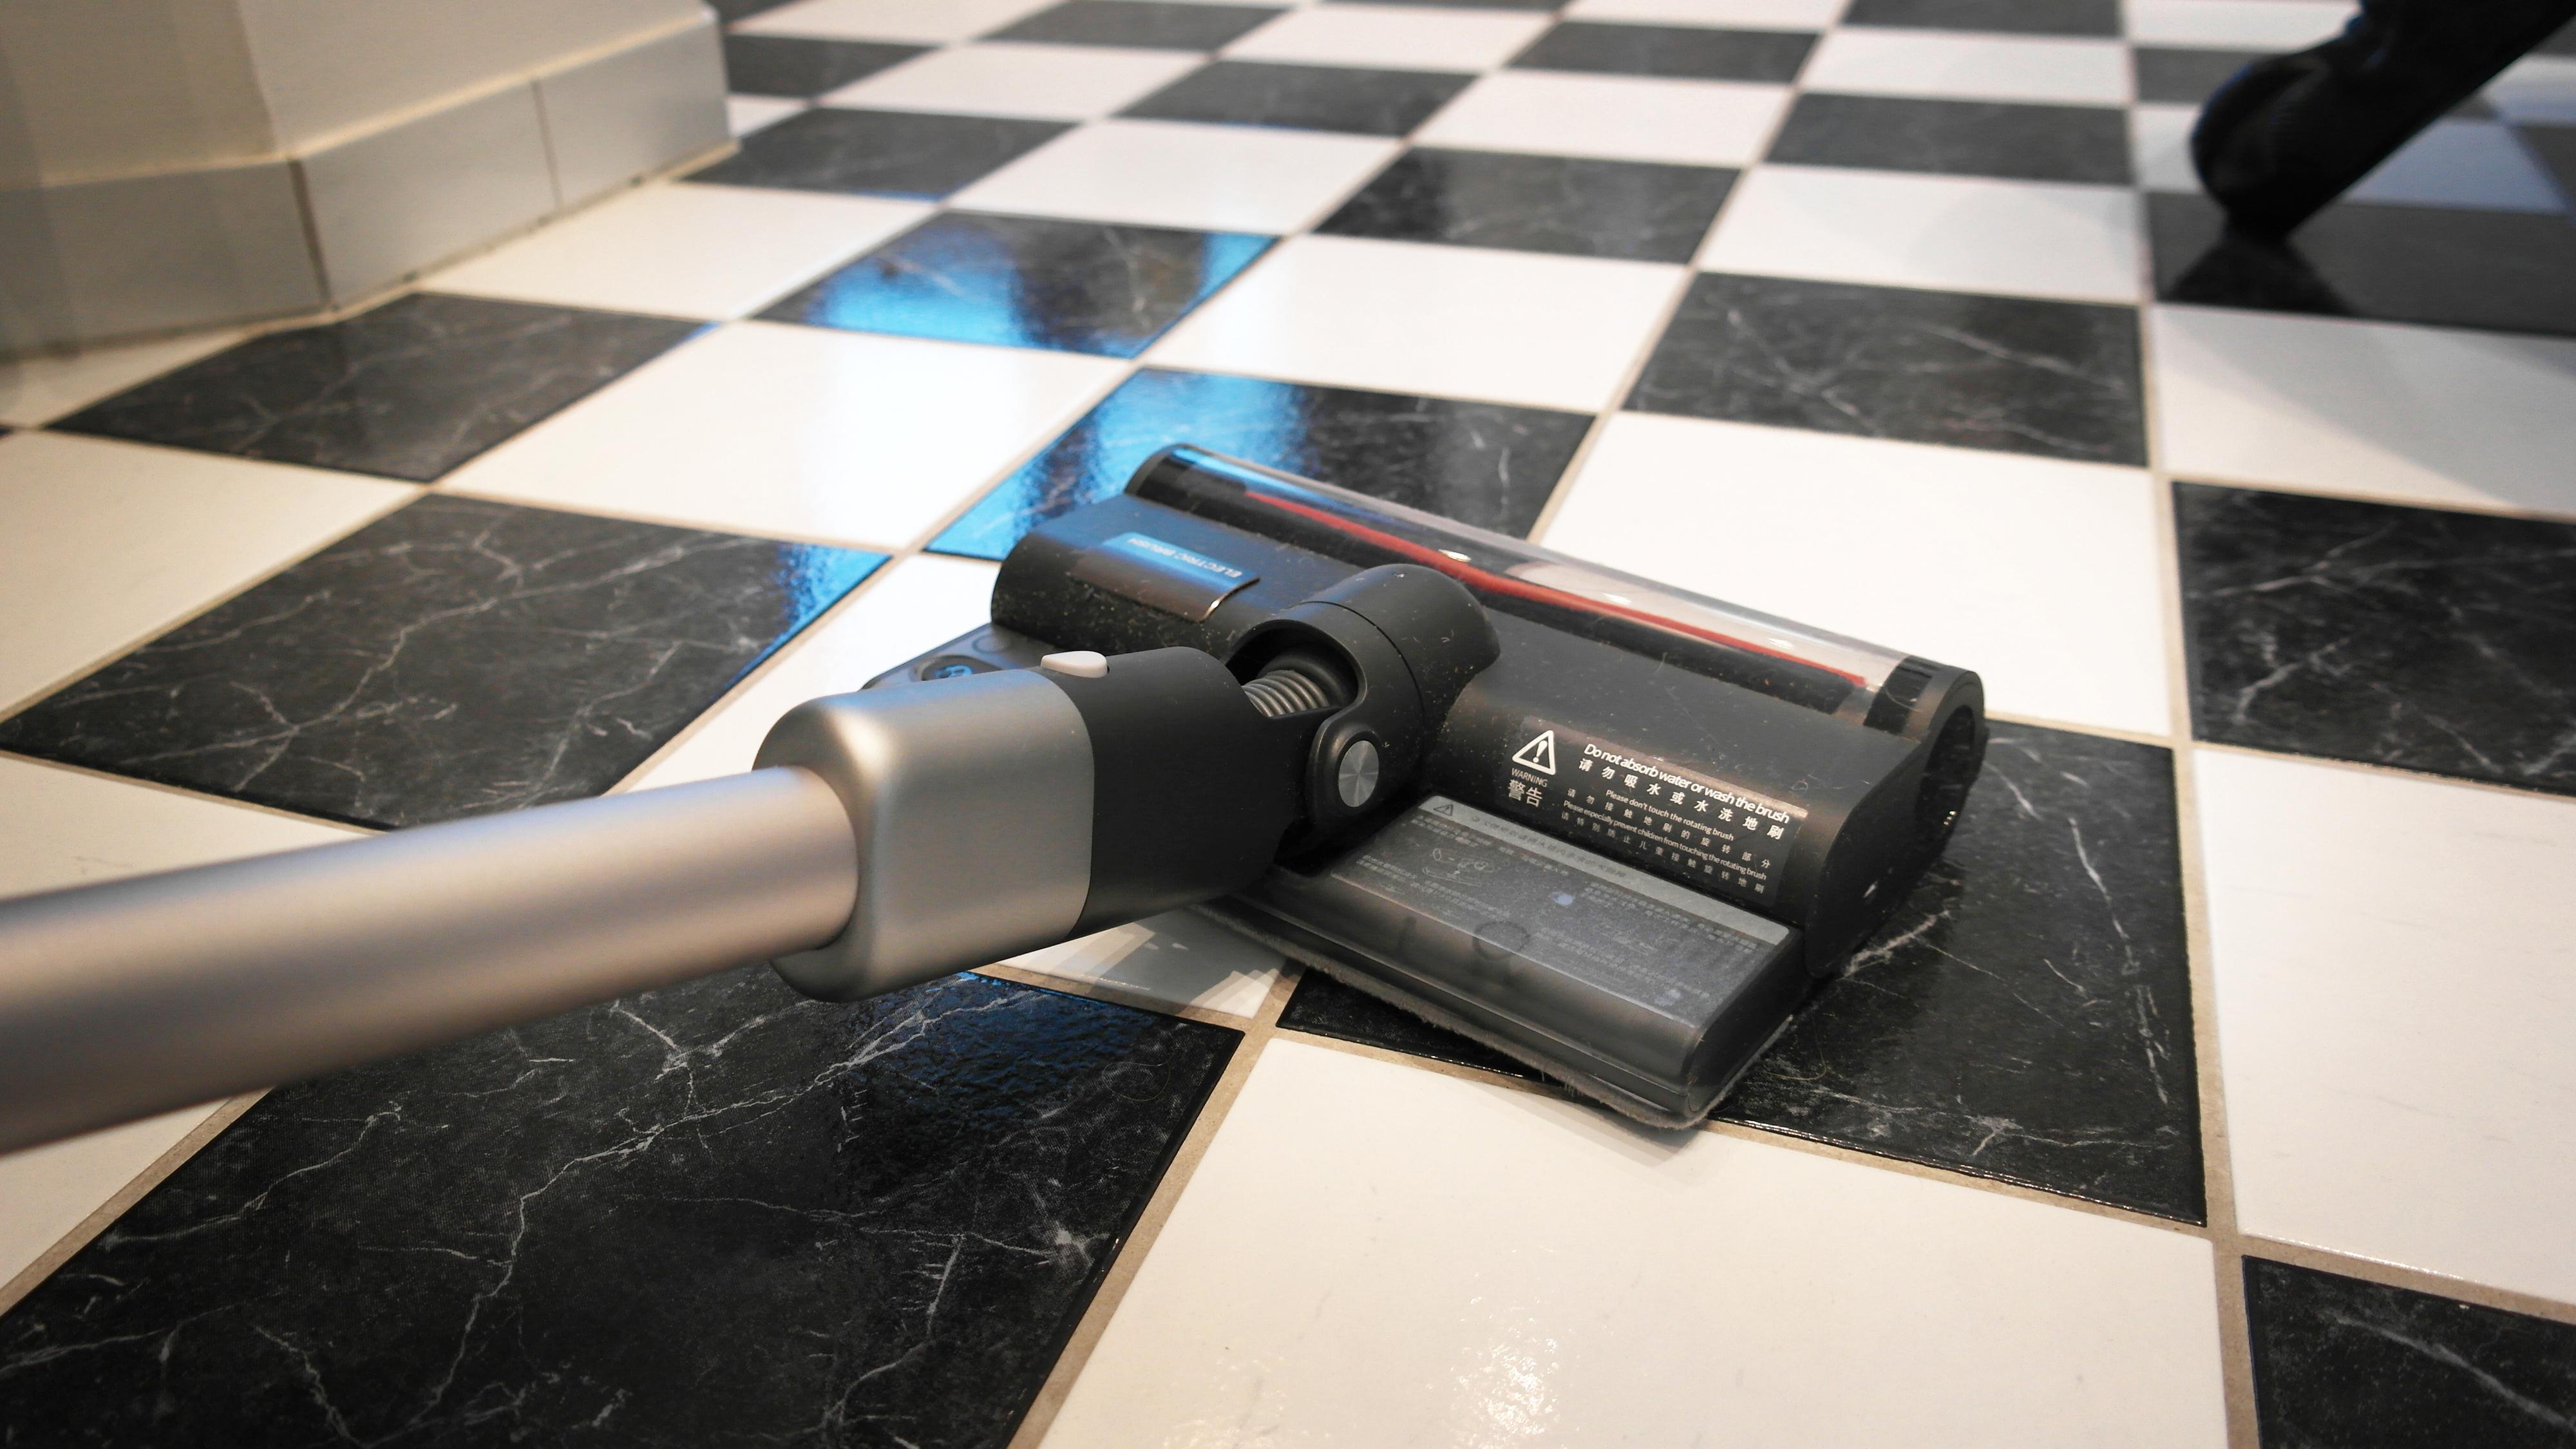 Enkelte av støvsugerne kan både støvsuge og vaske. Her modellen fra Roidmi.